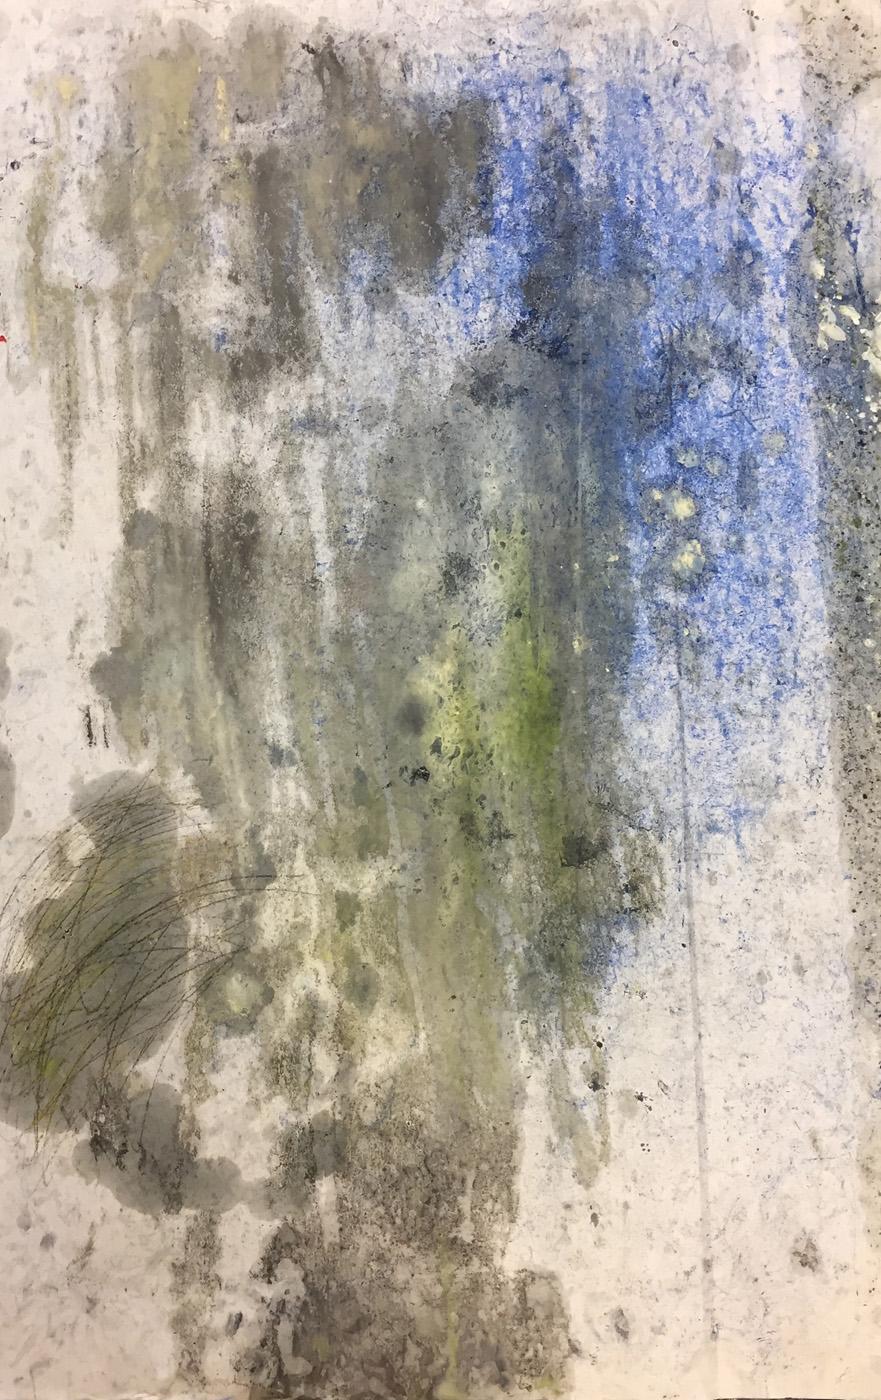 MARC FELD 2020 DISCONNECTED Huile, pigment et mine de plomb sur papier 100 x 65 cm